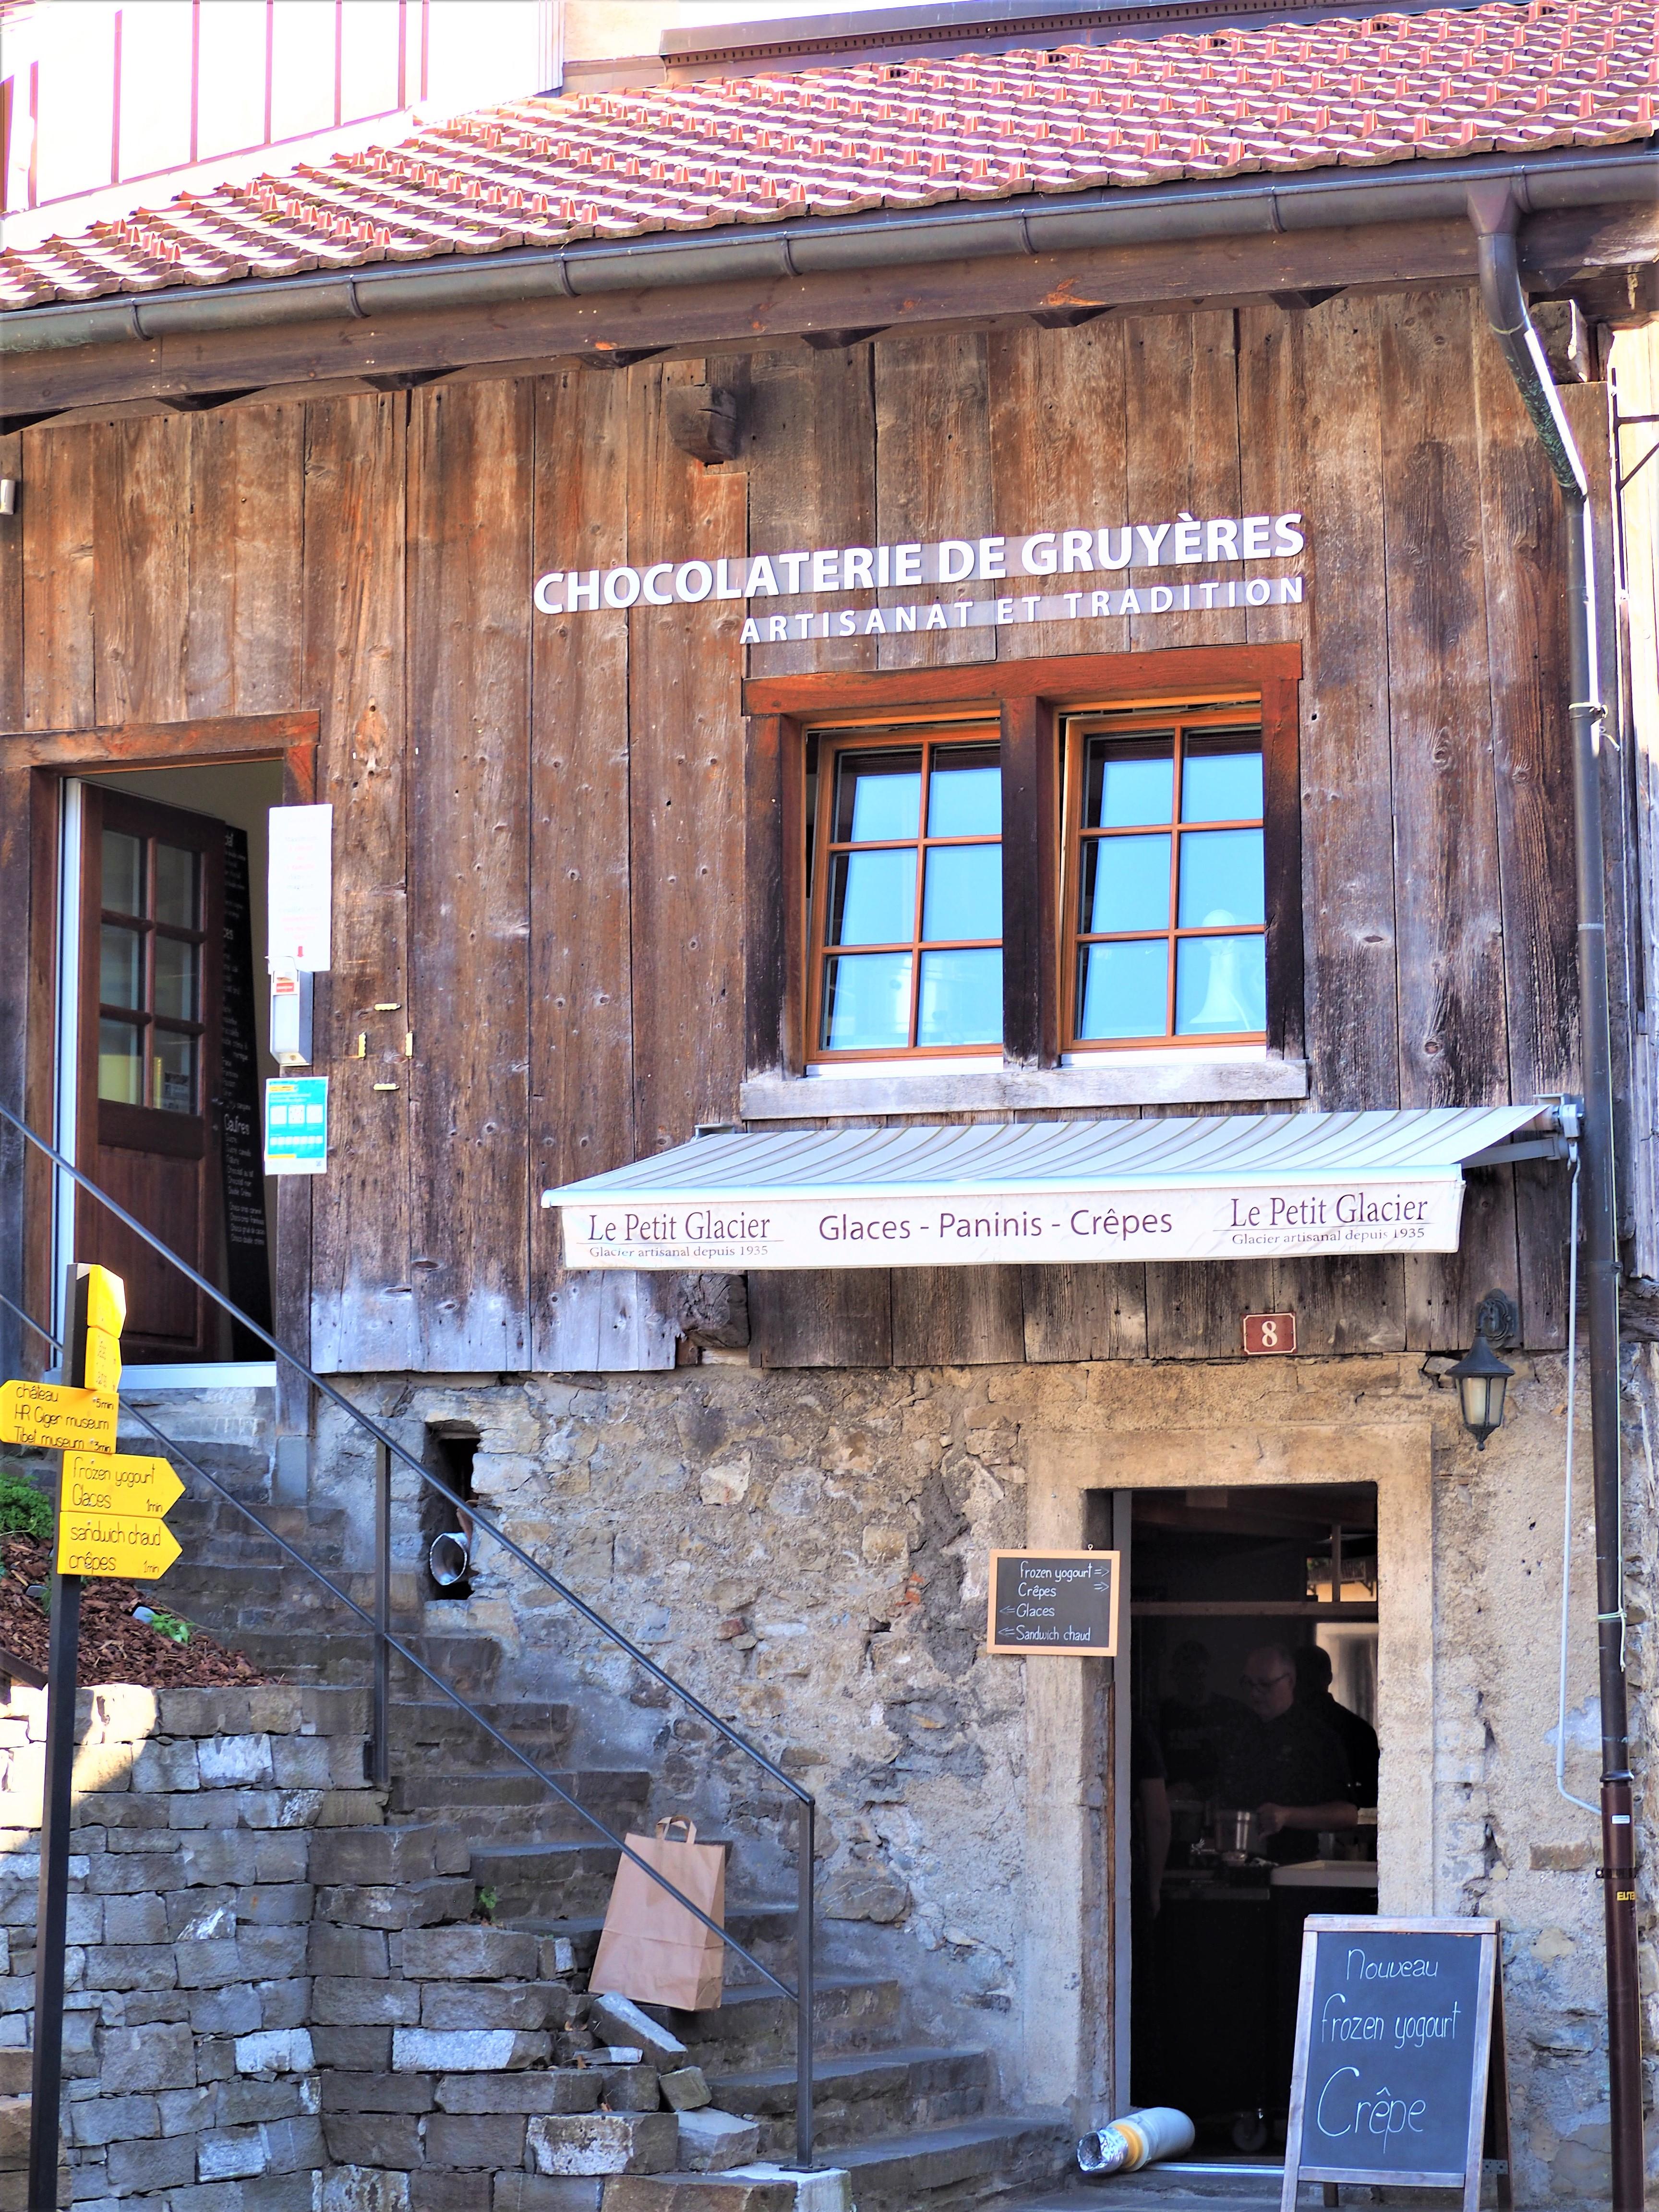 Visiter-Gruyères-canton-de-Fribourg-Suisse-chocolaterie-de-Gruyères